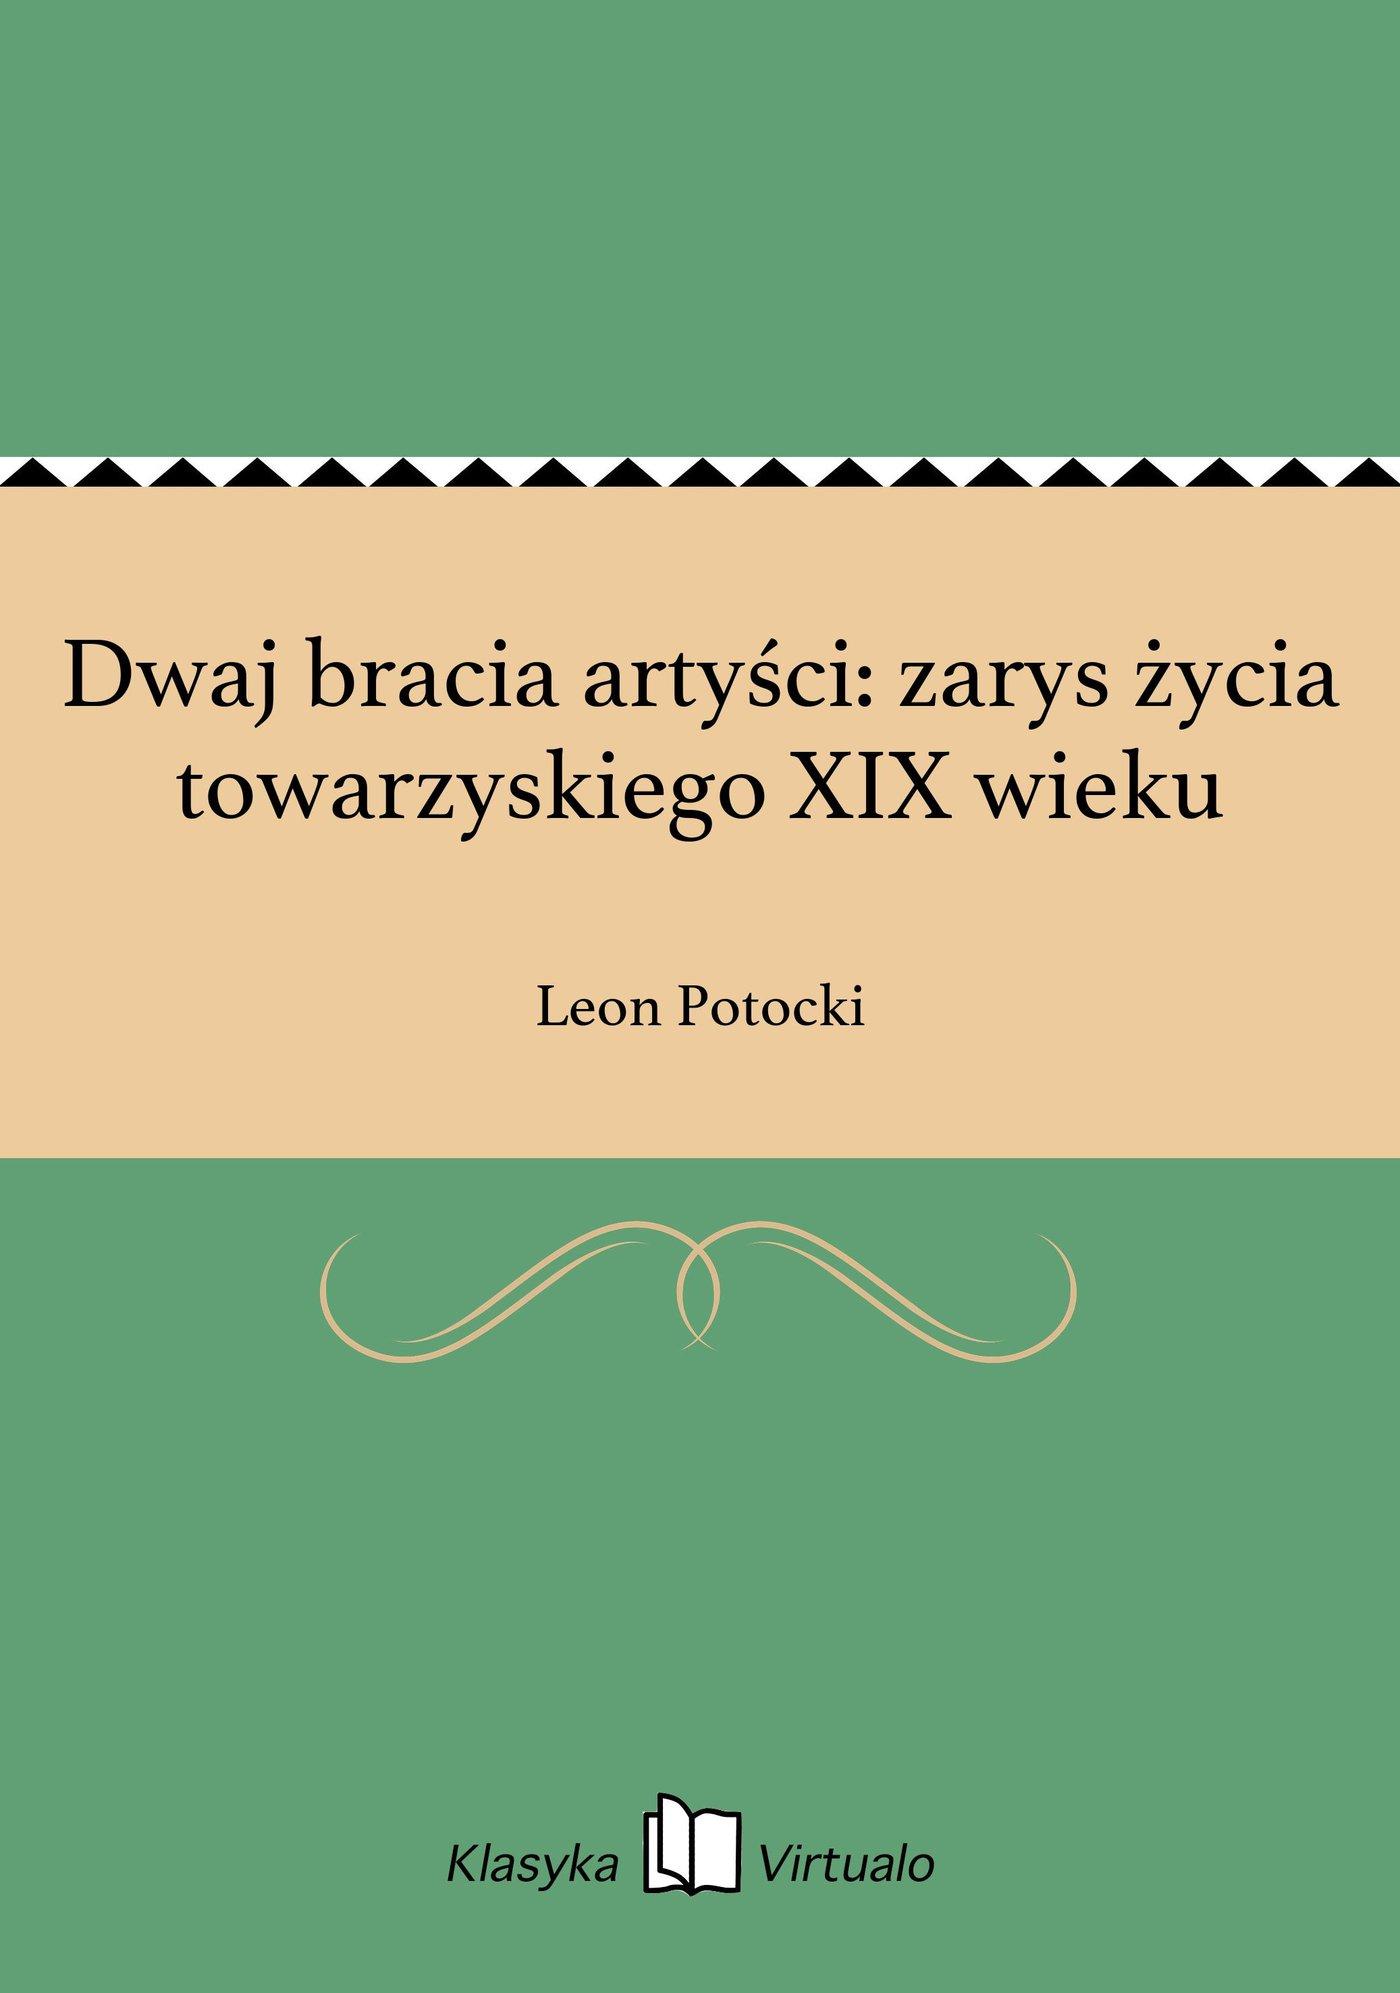 Dwaj bracia artyści: zarys życia towarzyskiego XIX wieku - Ebook (Książka na Kindle) do pobrania w formacie MOBI